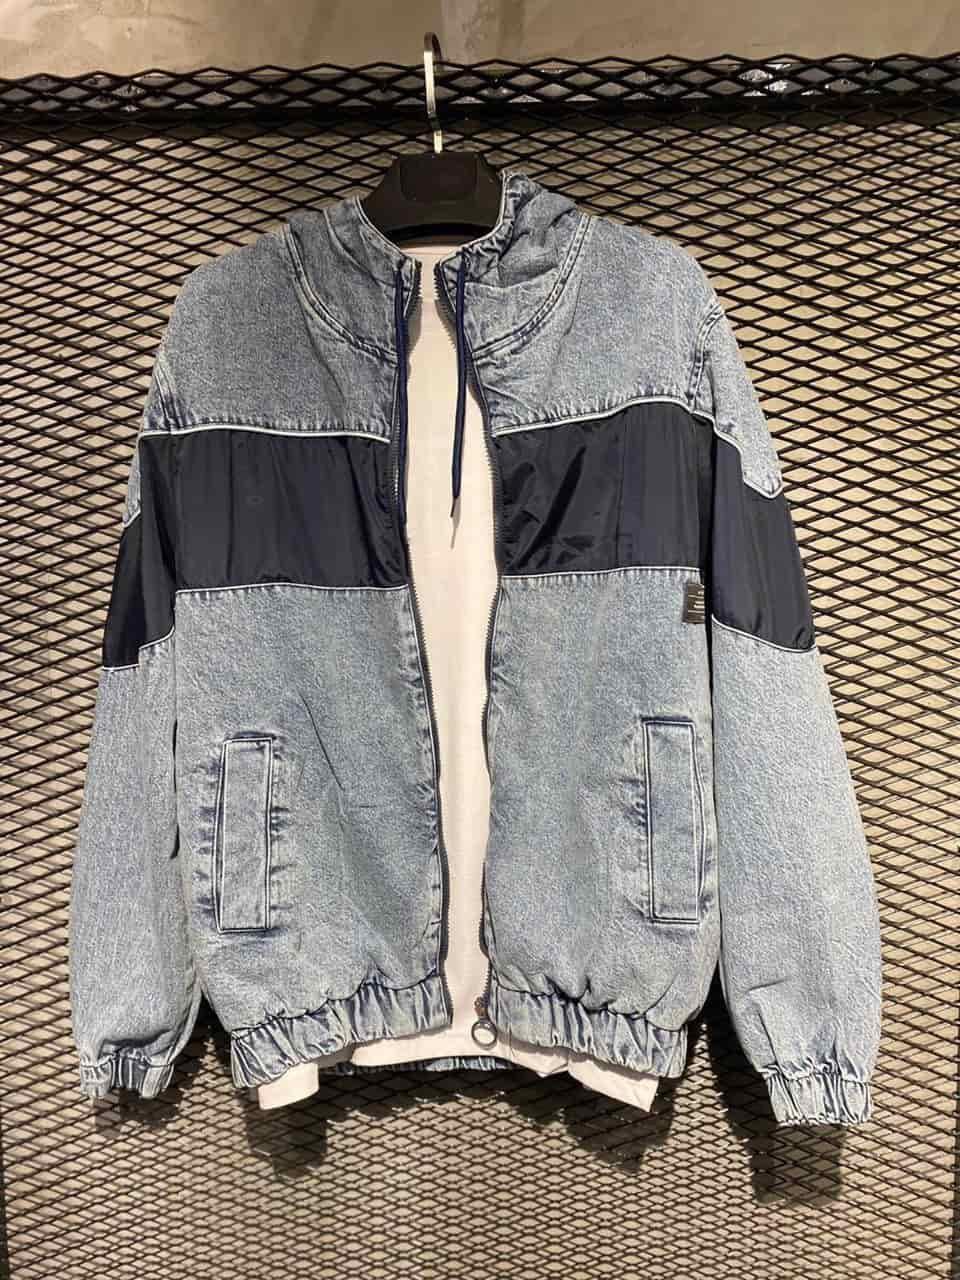 Чоловіча сіро-блакитна джинсова куртка-бомбер на манжетах з чорною вставкою, Туреччина